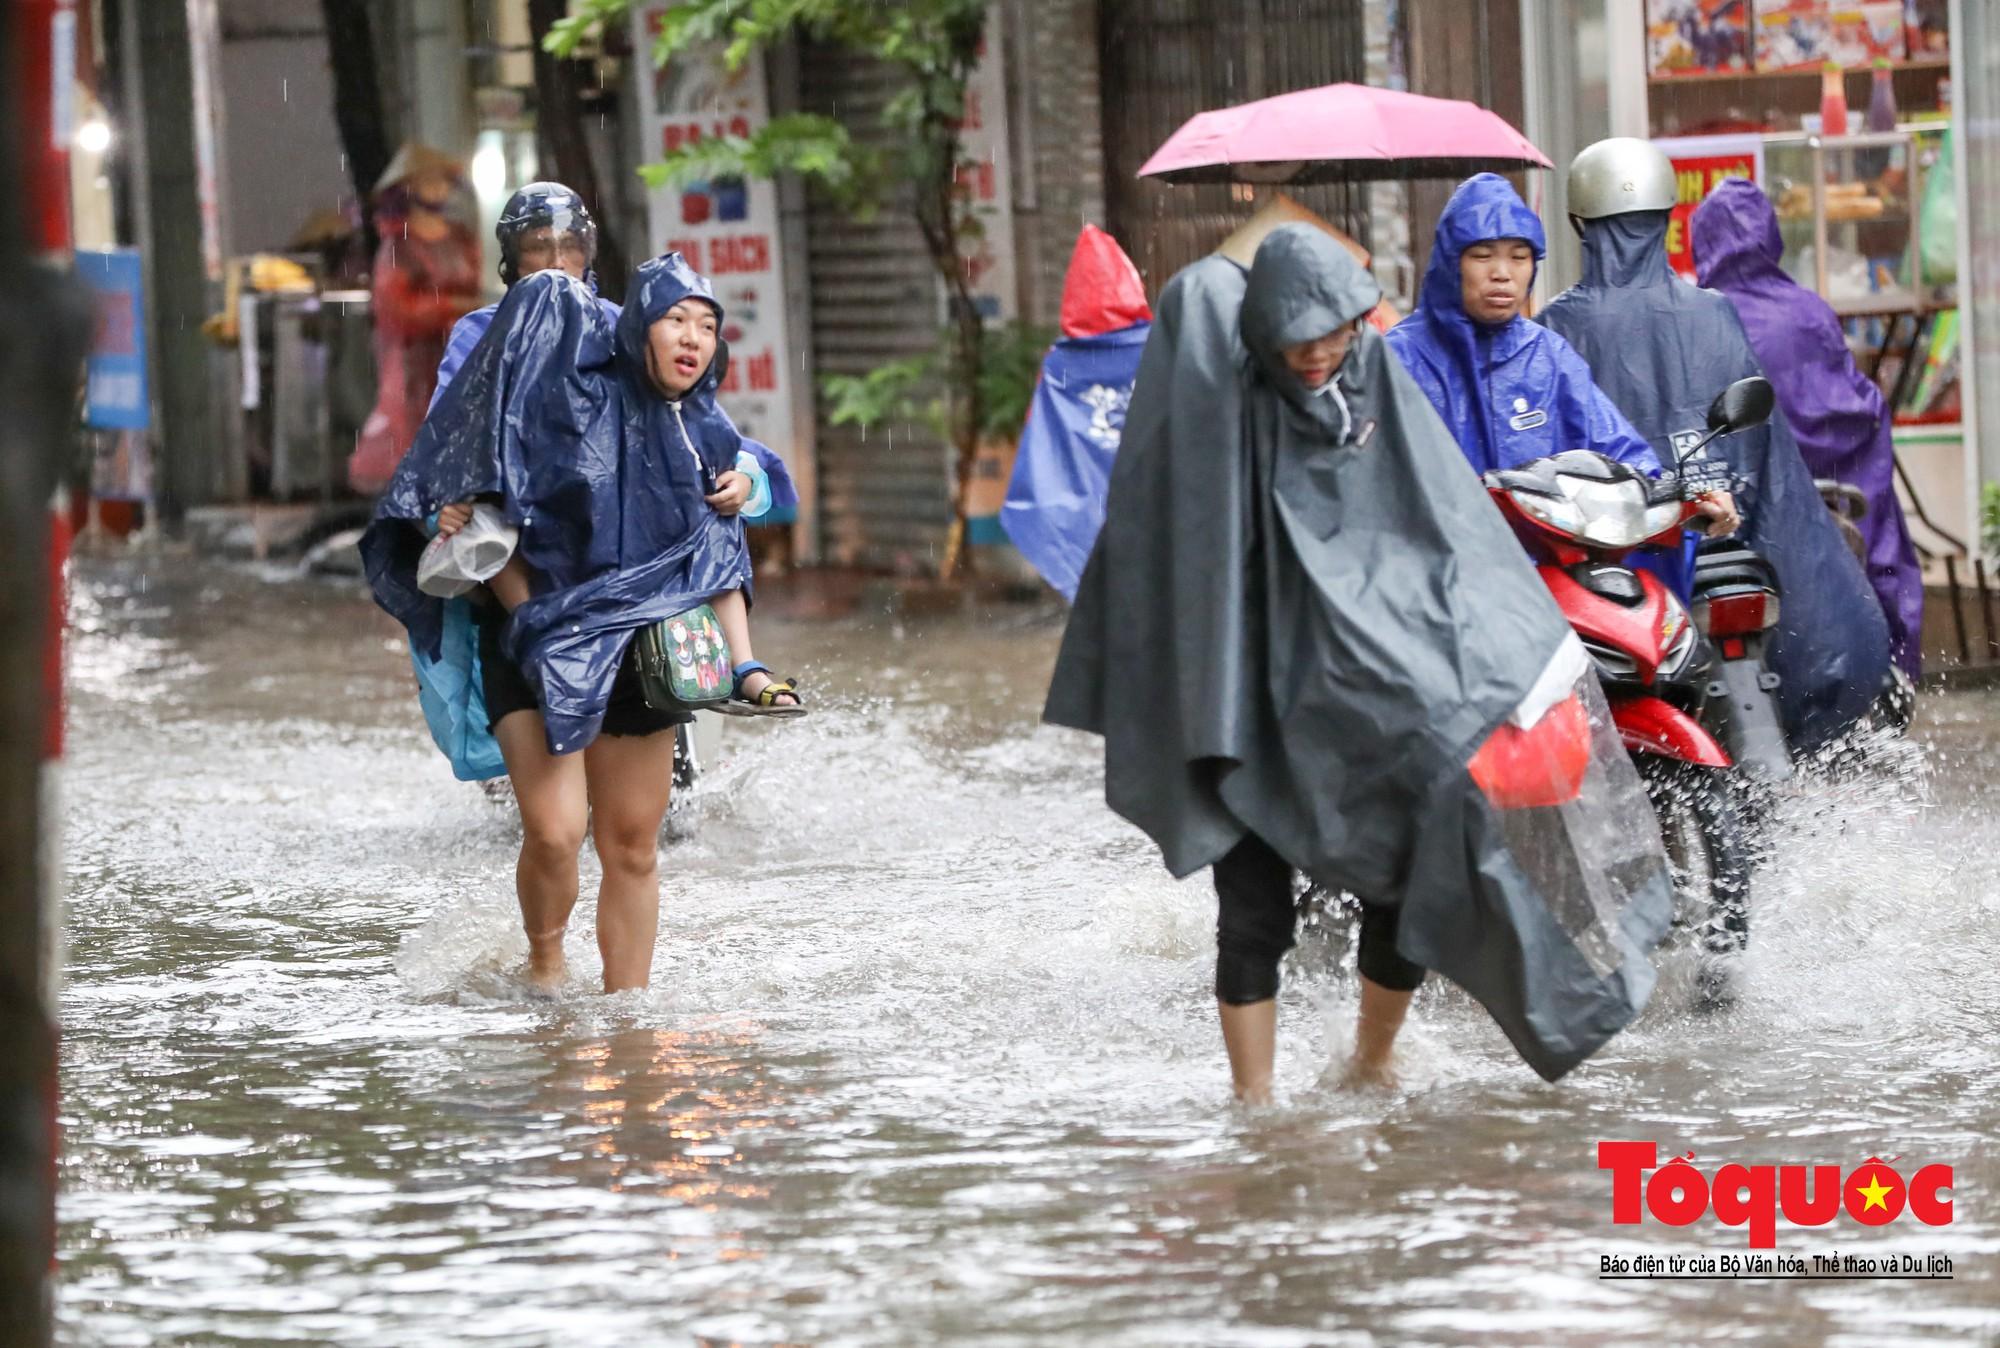 Hình ảnh xưa nay hiếm ở Thủ đô Hà Nội  cha mẹ cõng con vượt sông trong phố đến trường4